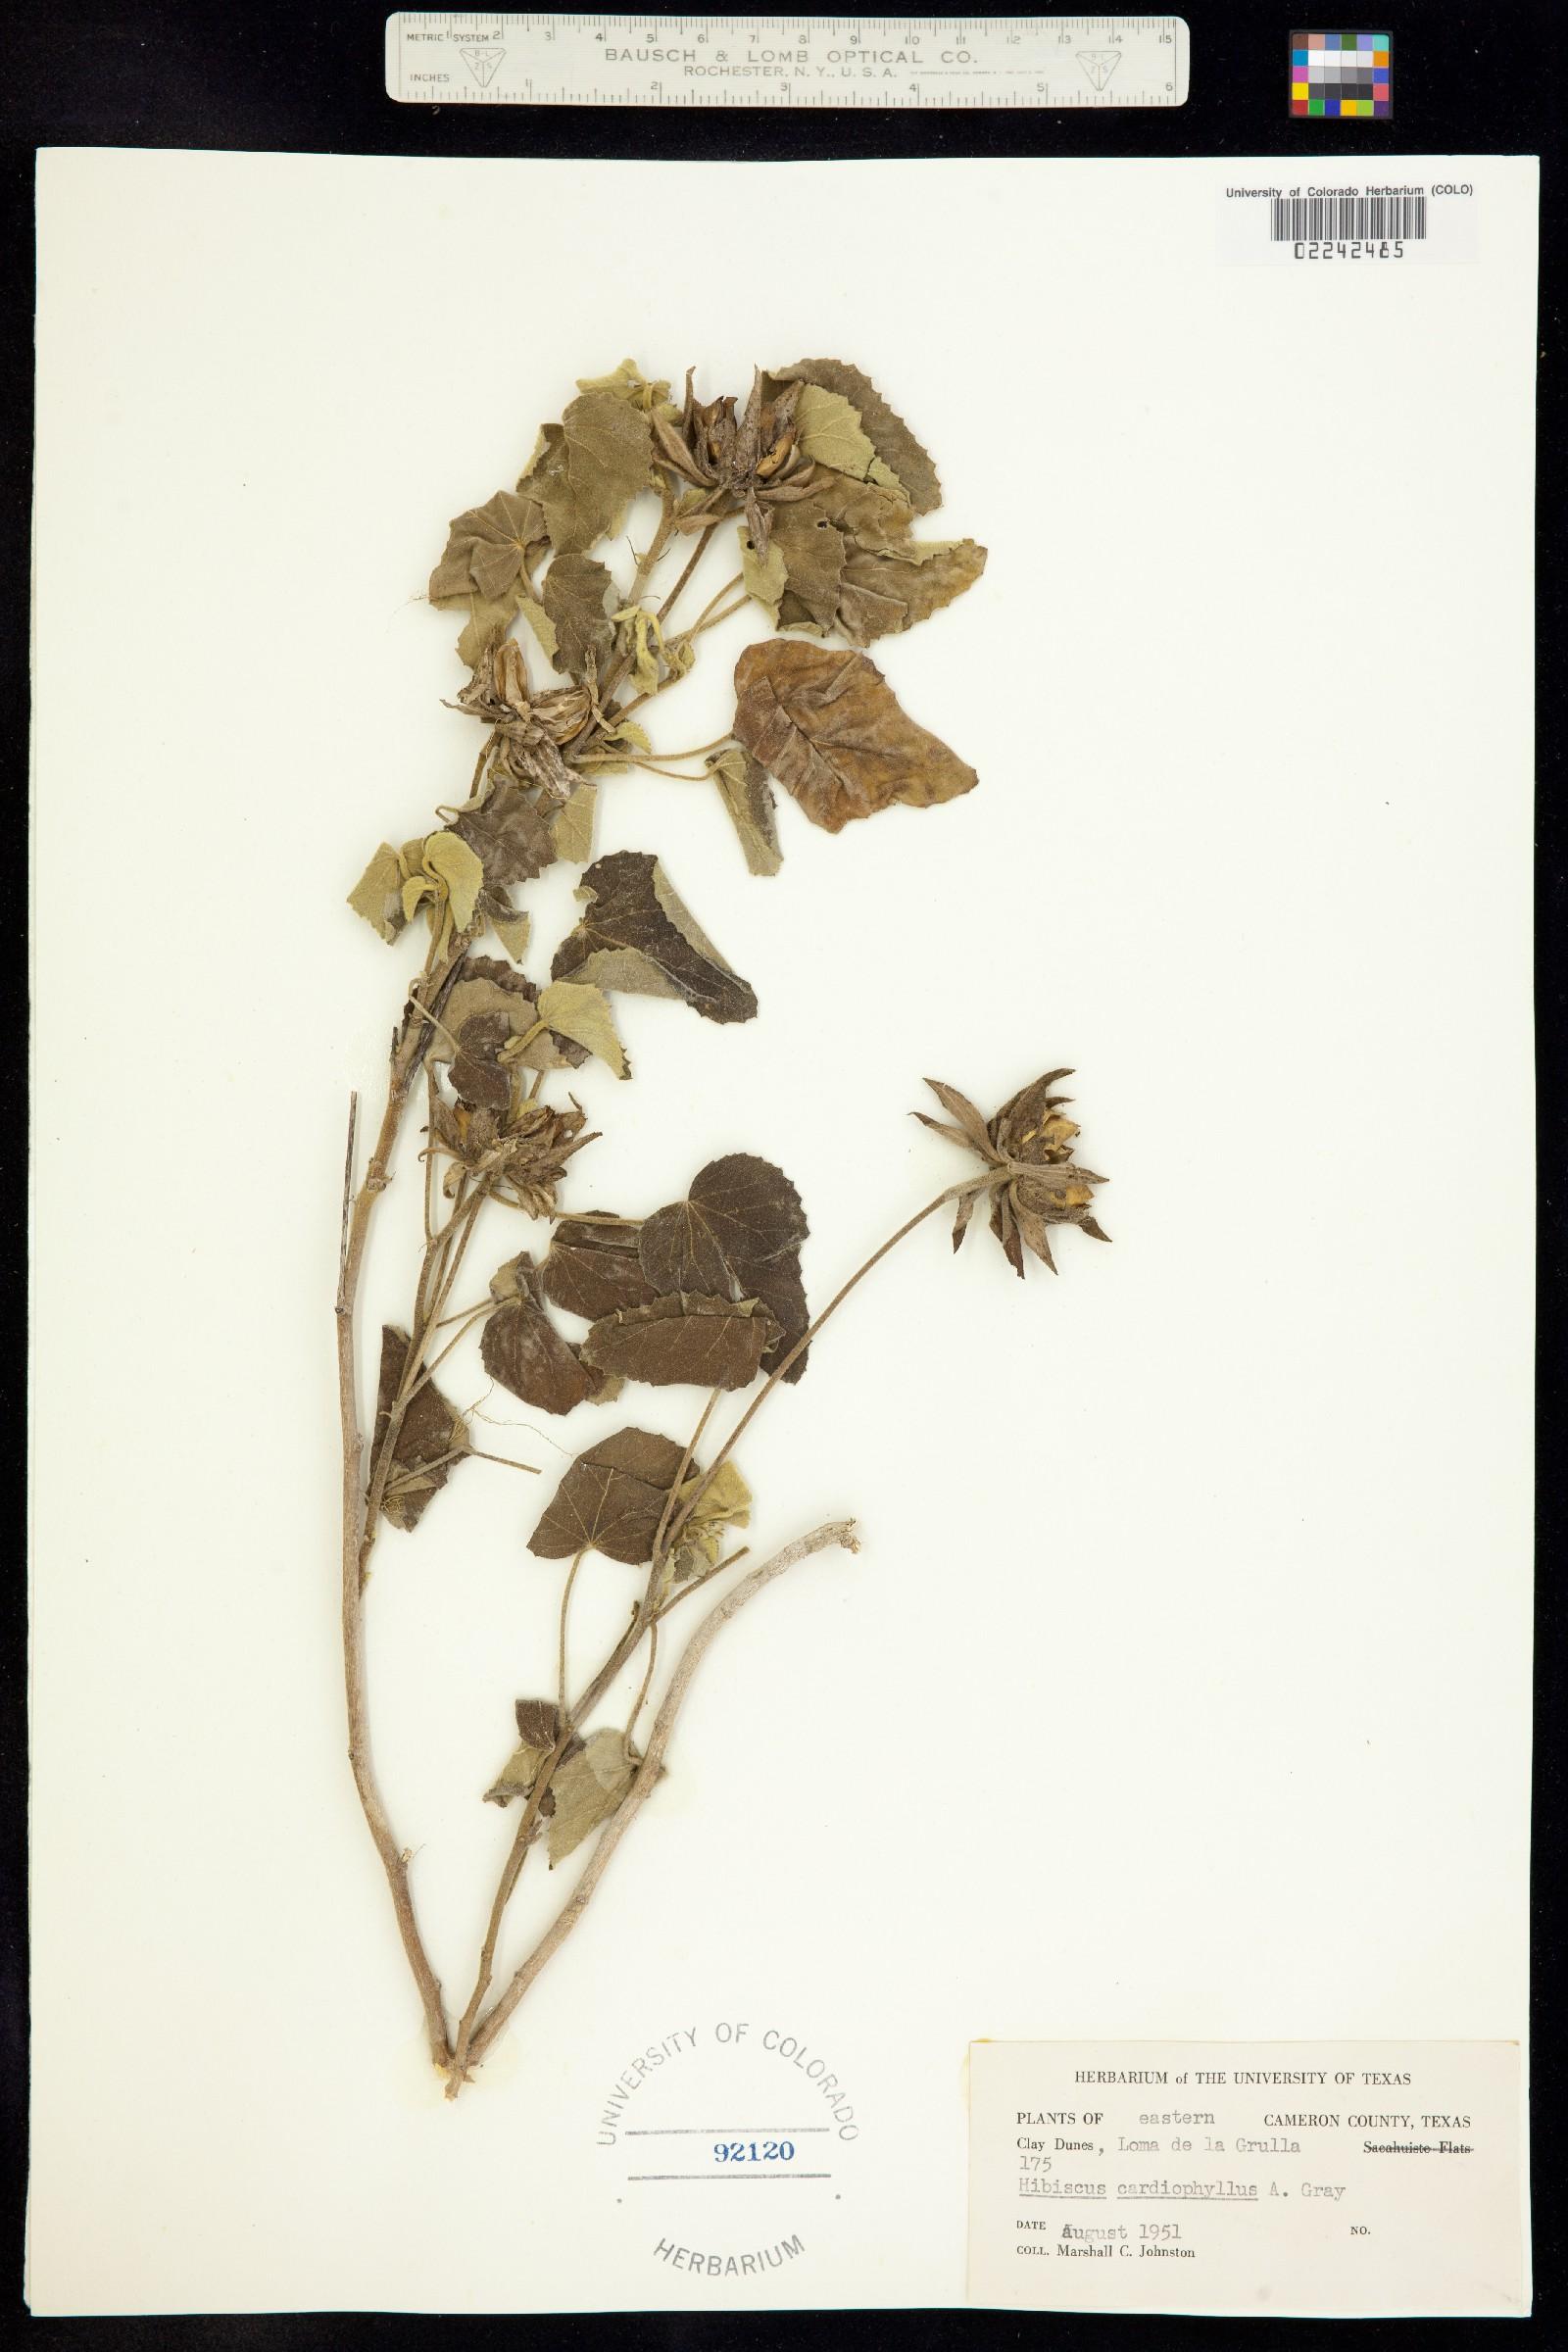 Hibiscus martianus image